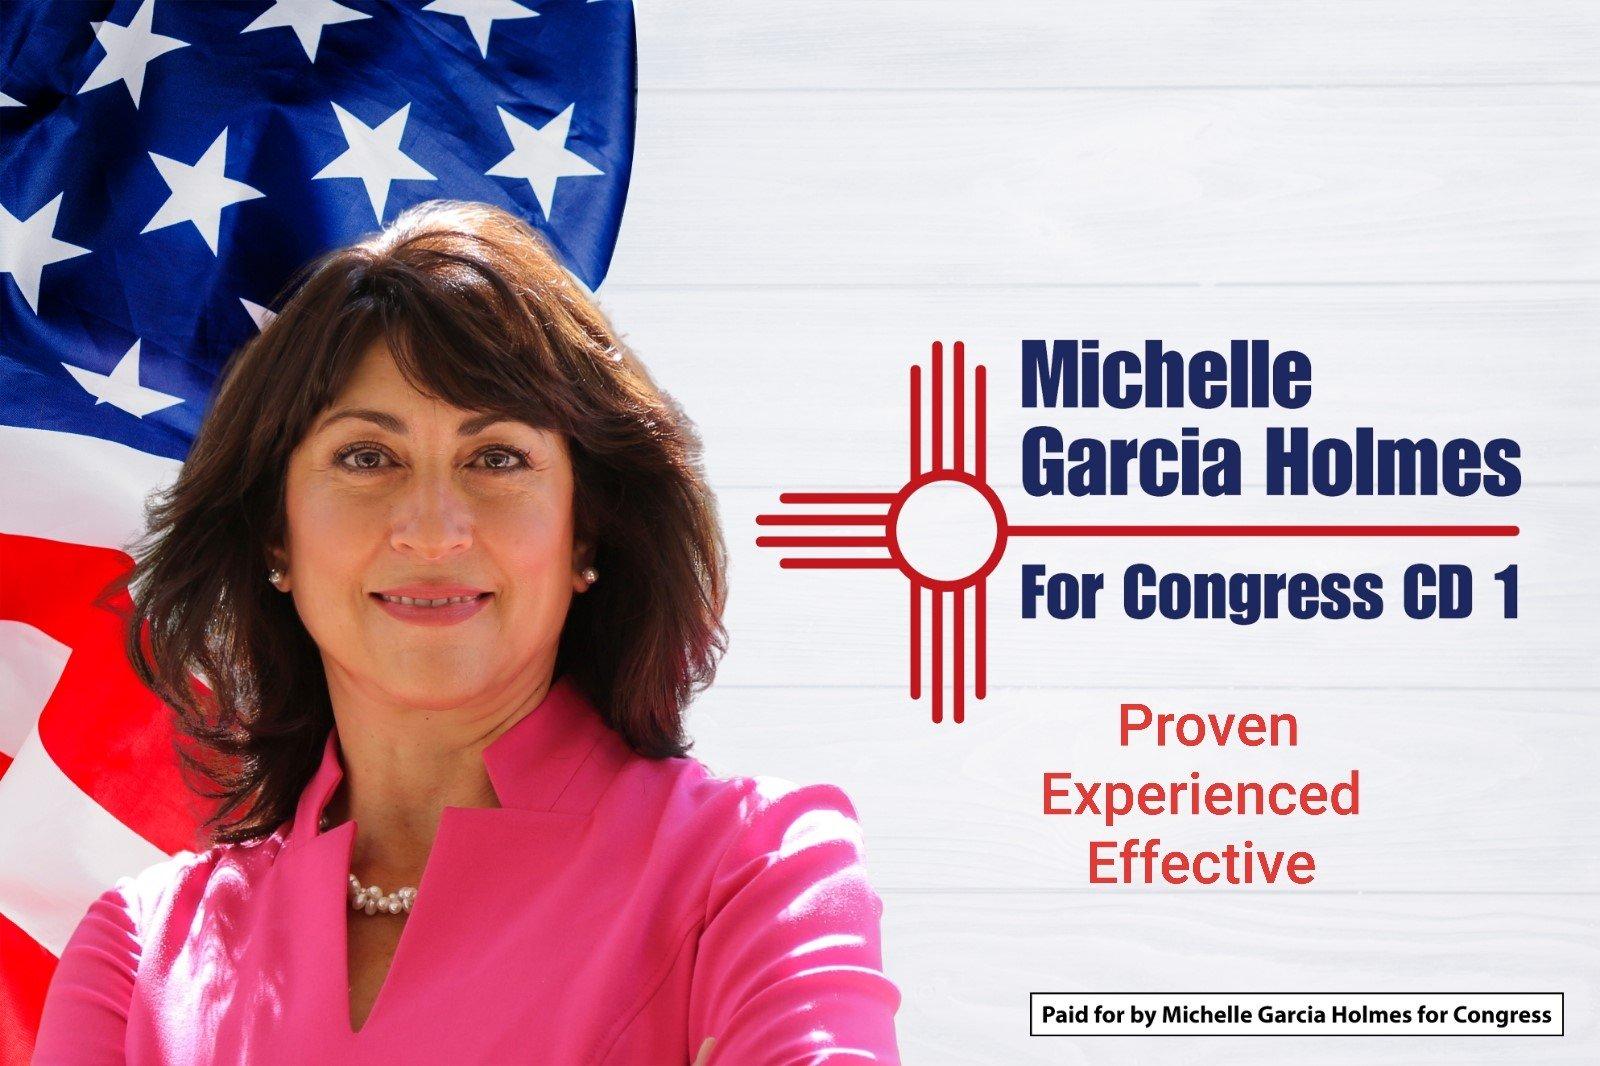 Michelle Garcia Holmes Receives an A* from Pro-Gun Women